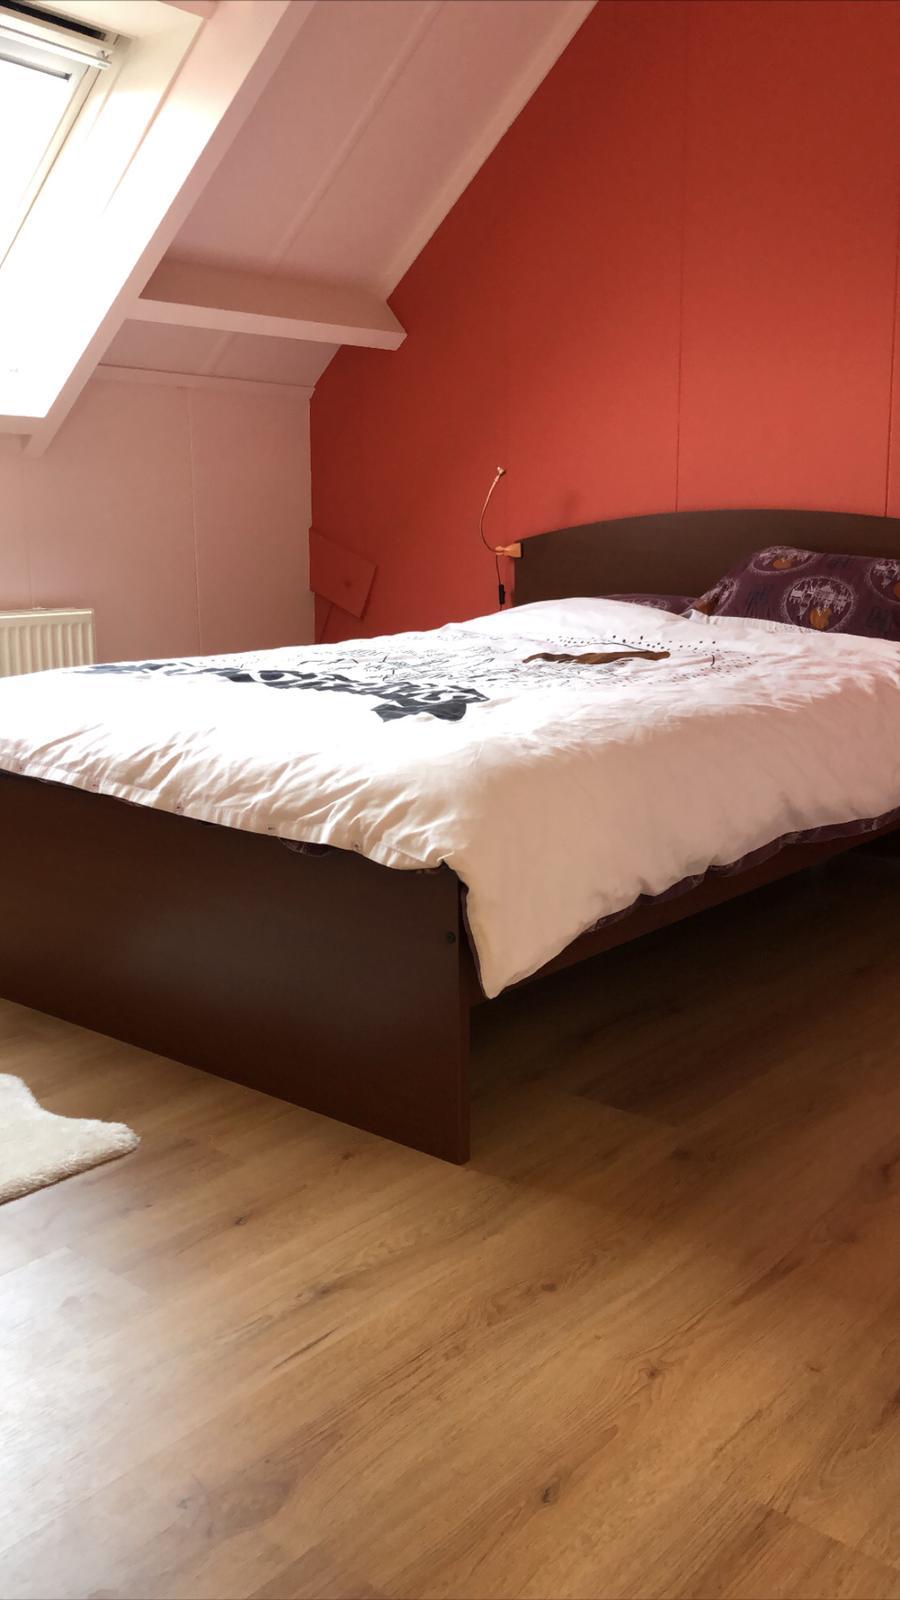 Slaapkamer schoon